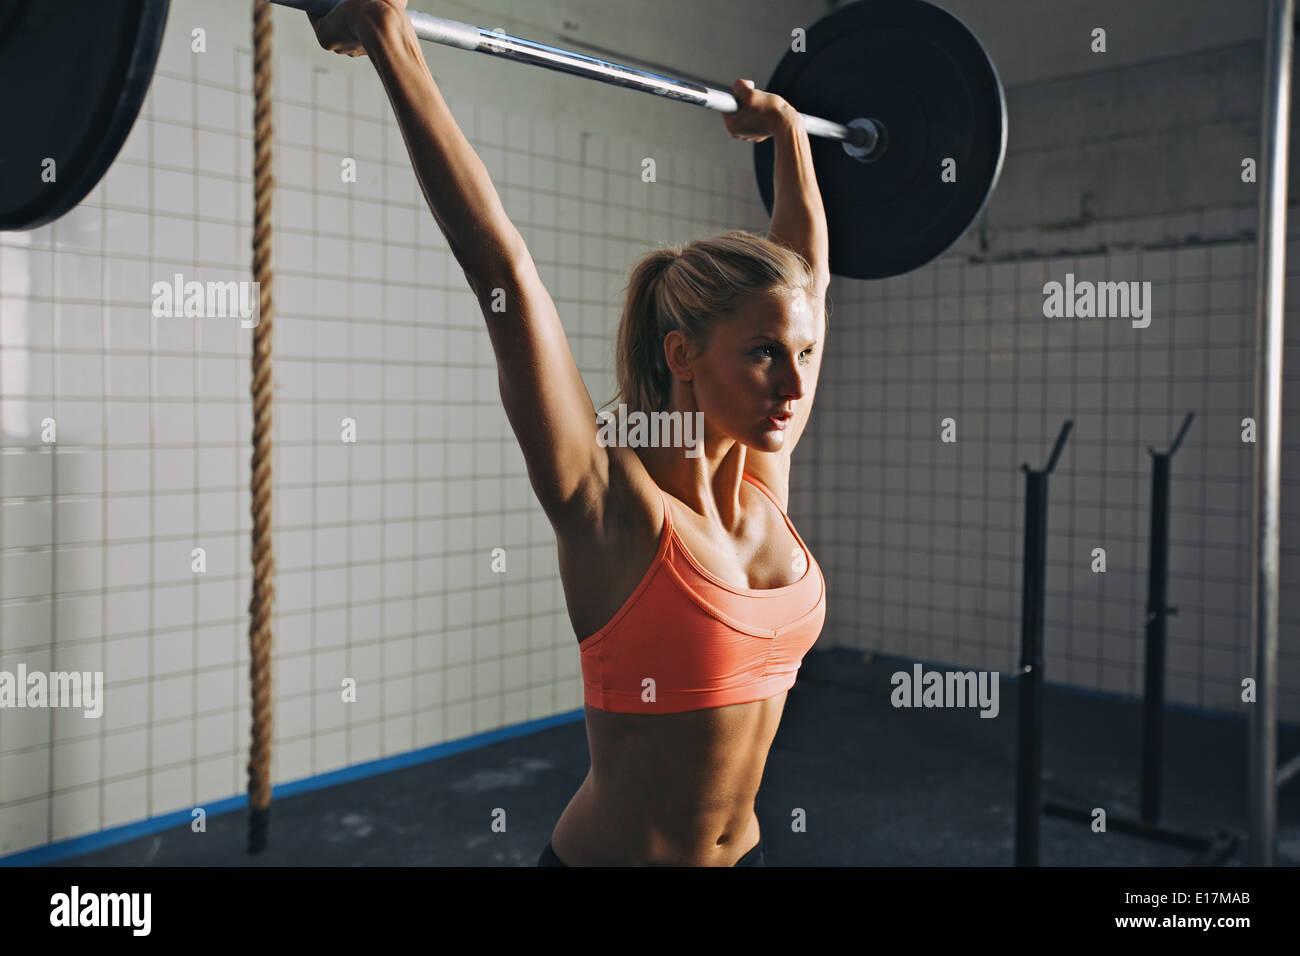 Mujer fuerte levantamiento barbell como parte de crossfit la rutina de ejercicios. Colocar joven levantando pesos pesados en el gimnasio. Imagen De Stock